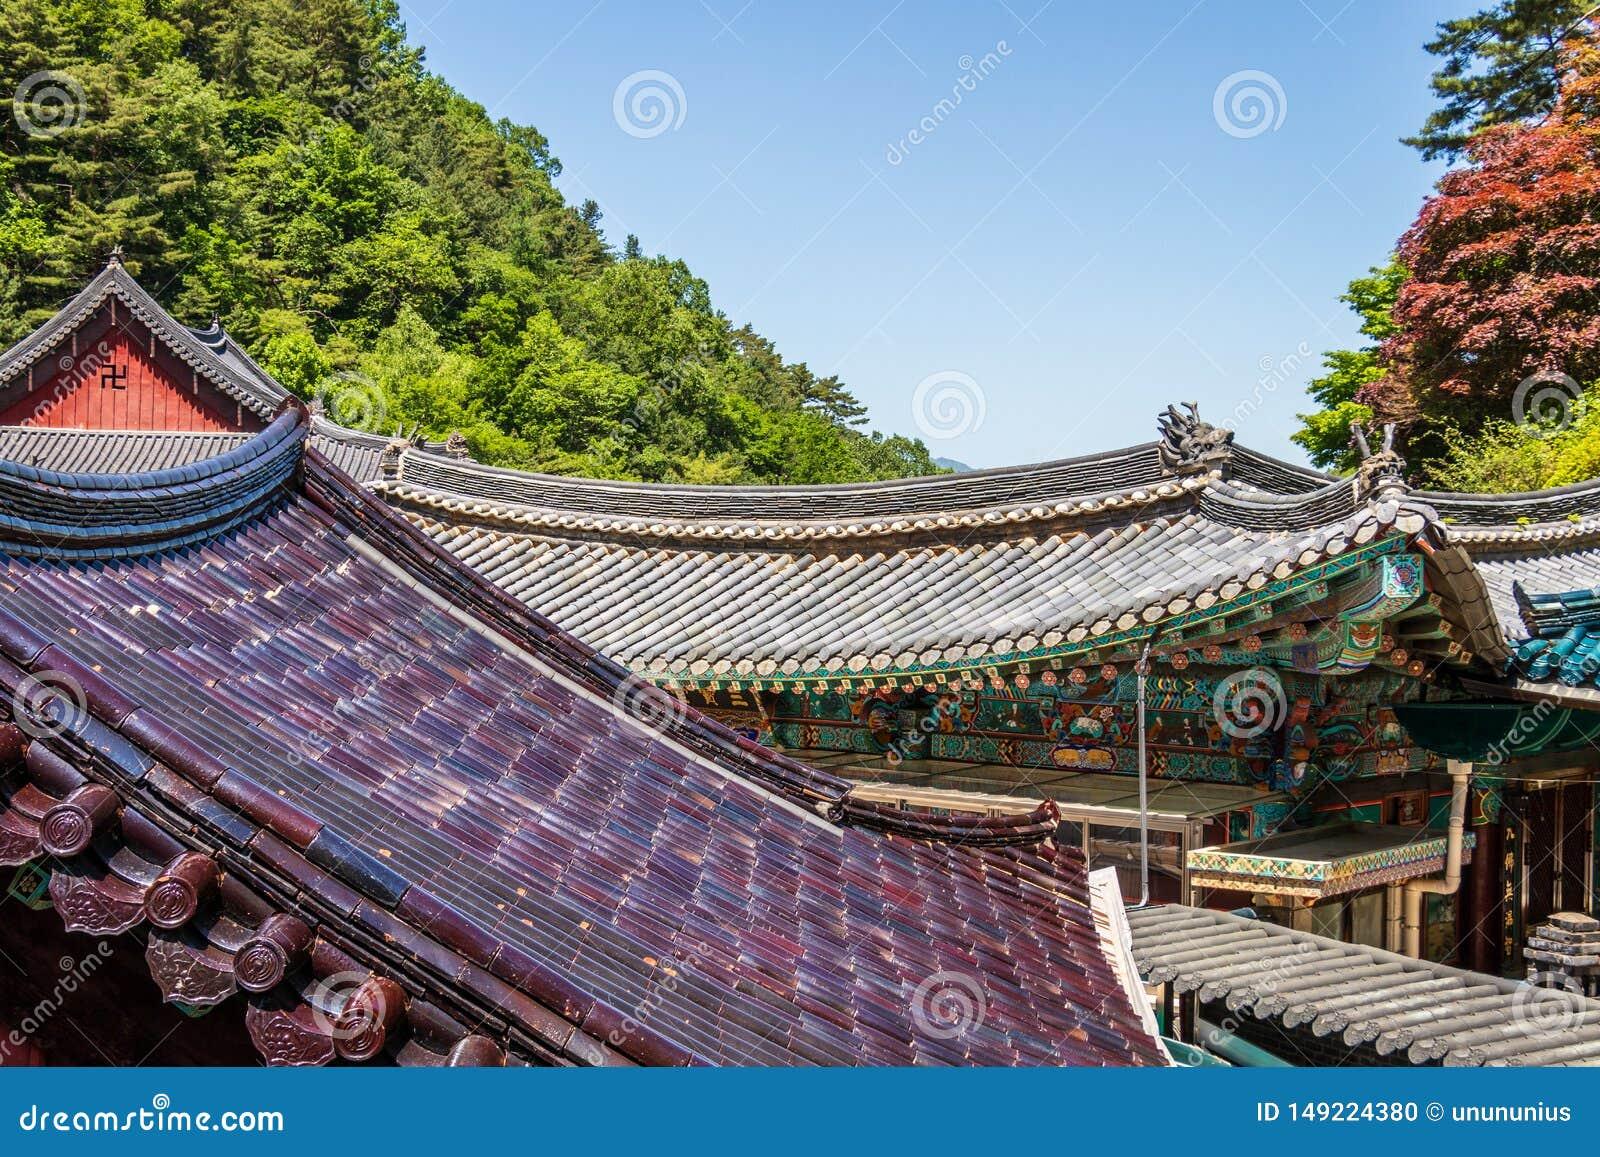 Άποψη λεπτομέρειας σχετικά με τη στέγη των κτηρίων μέσα στον κορεατικό βουδιστικό ναό σύνθετο Guinsa Guinsa, περιοχή Danyang, της